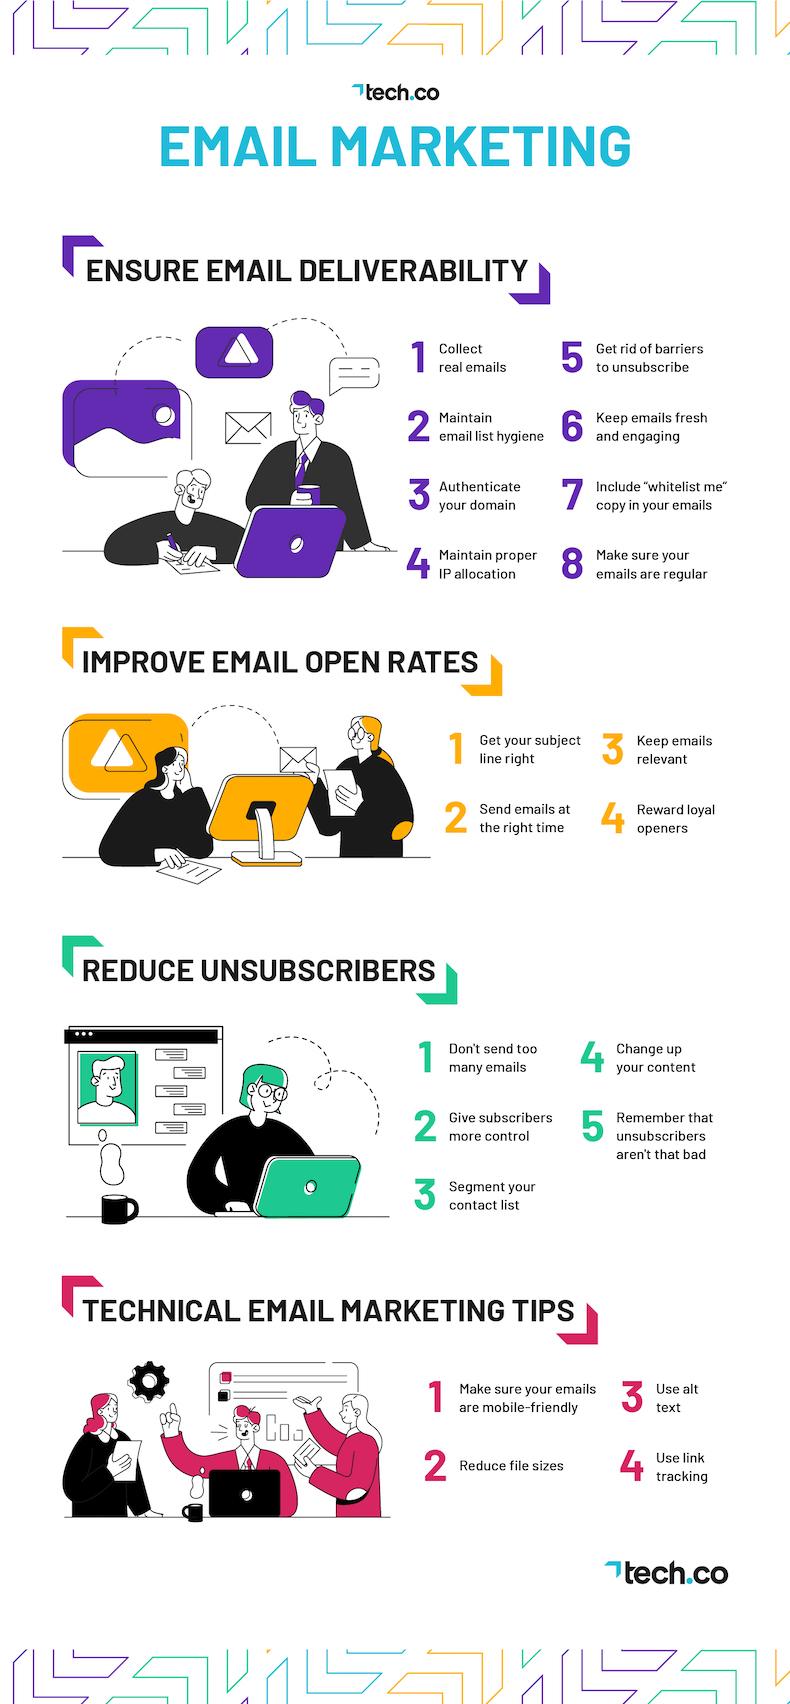 101220-infographic-techco-email